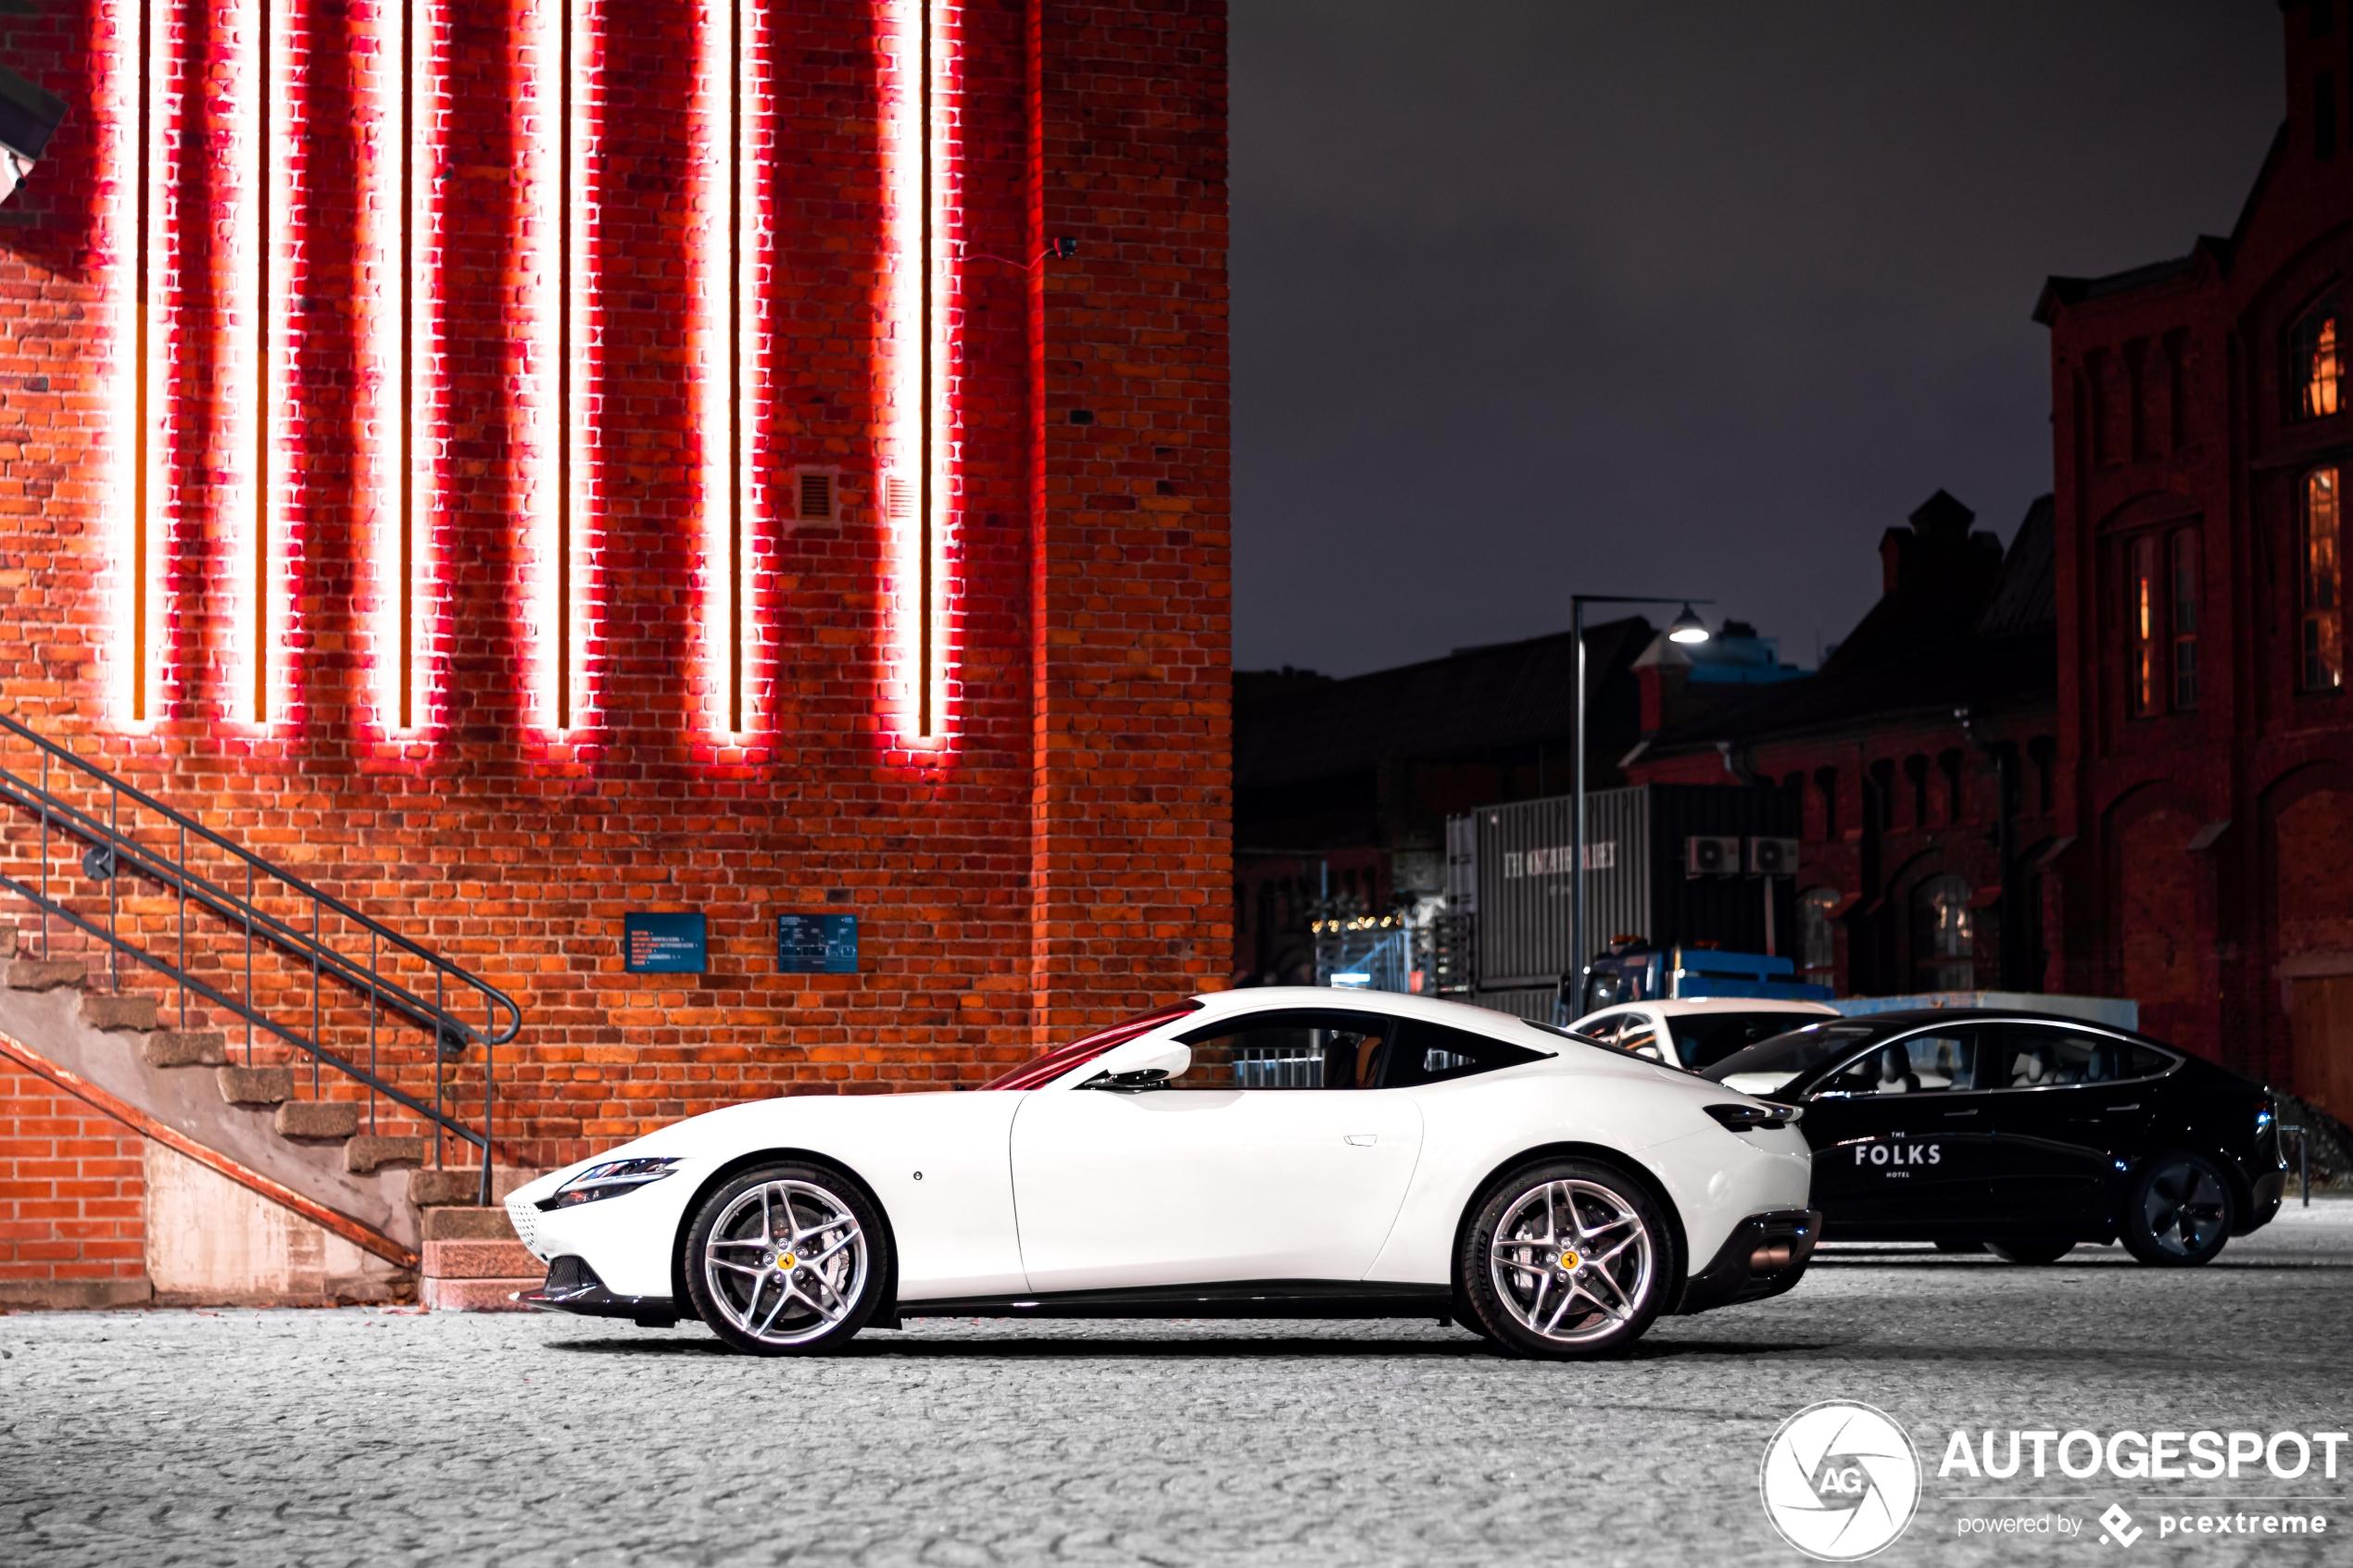 Ferrari Roma doet het goed in de nacht